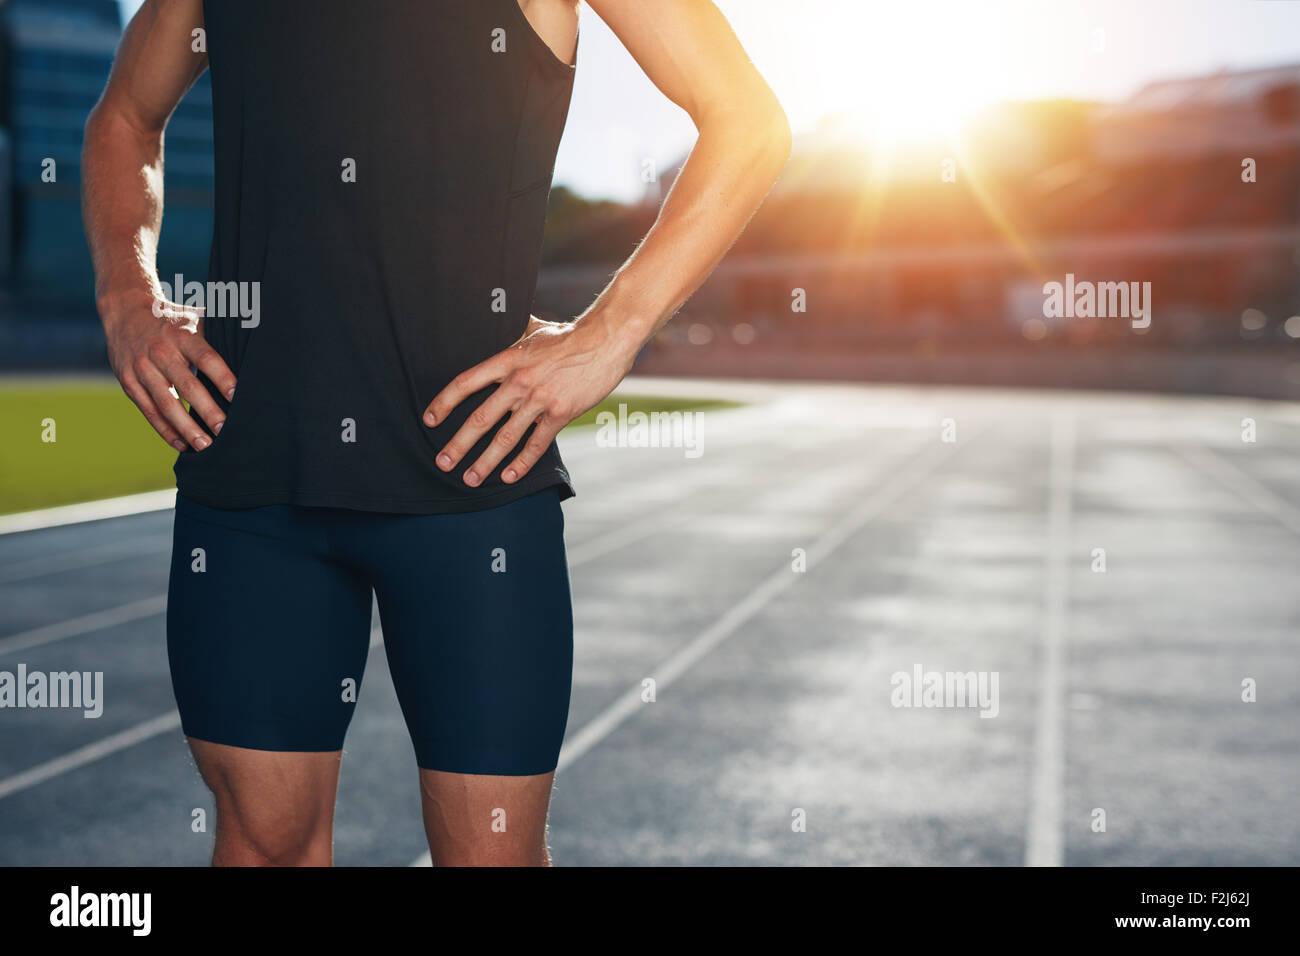 La sezione centrale colpo di atleta maschio permanente sulla pista con le mani sui fianchi su una intensa luce solare. Immagini Stock